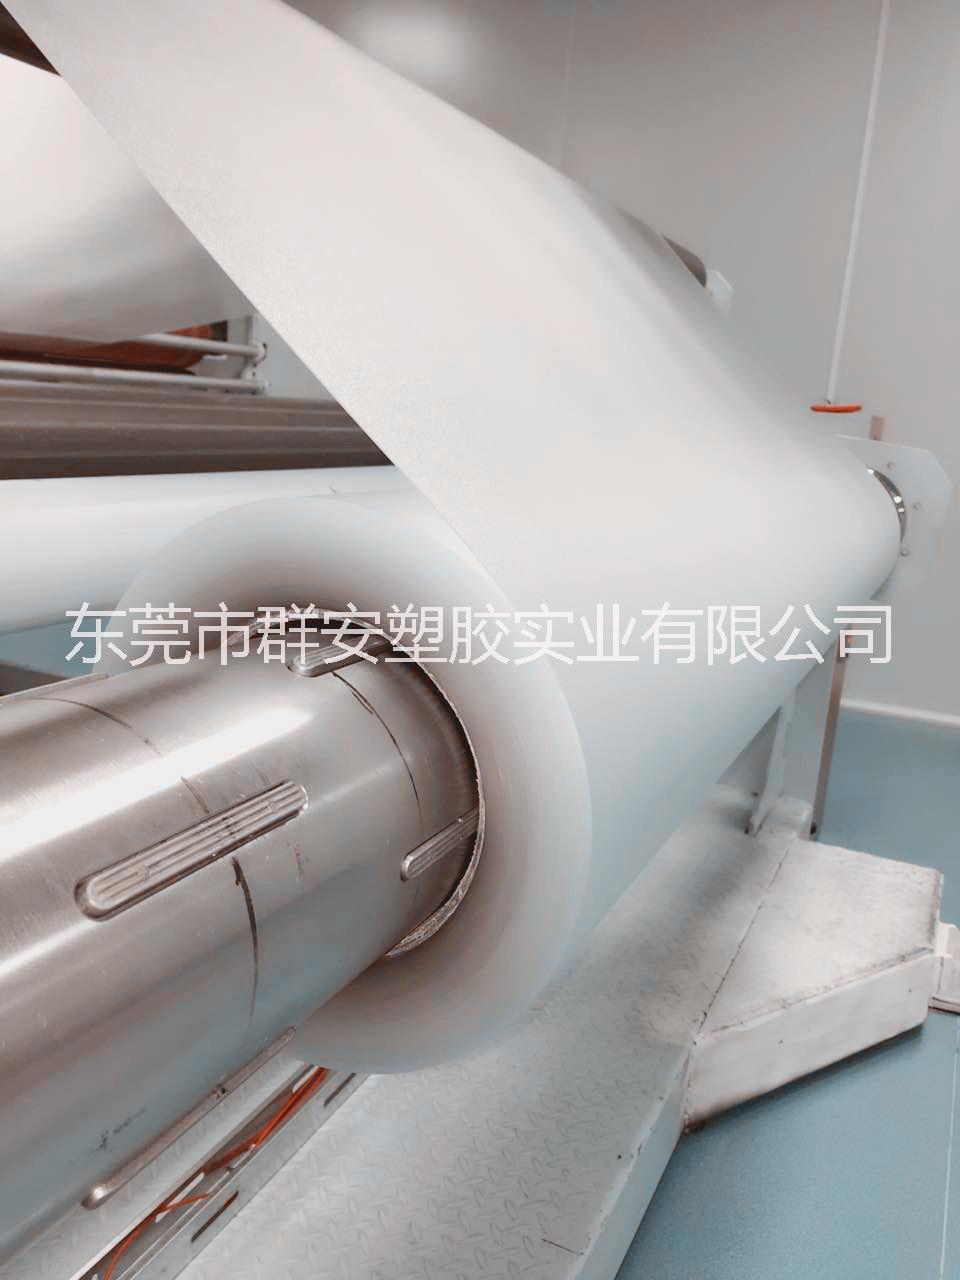 东莞群安供应SGP胶片 夹胶玻璃材料SGP胶片 中国制造